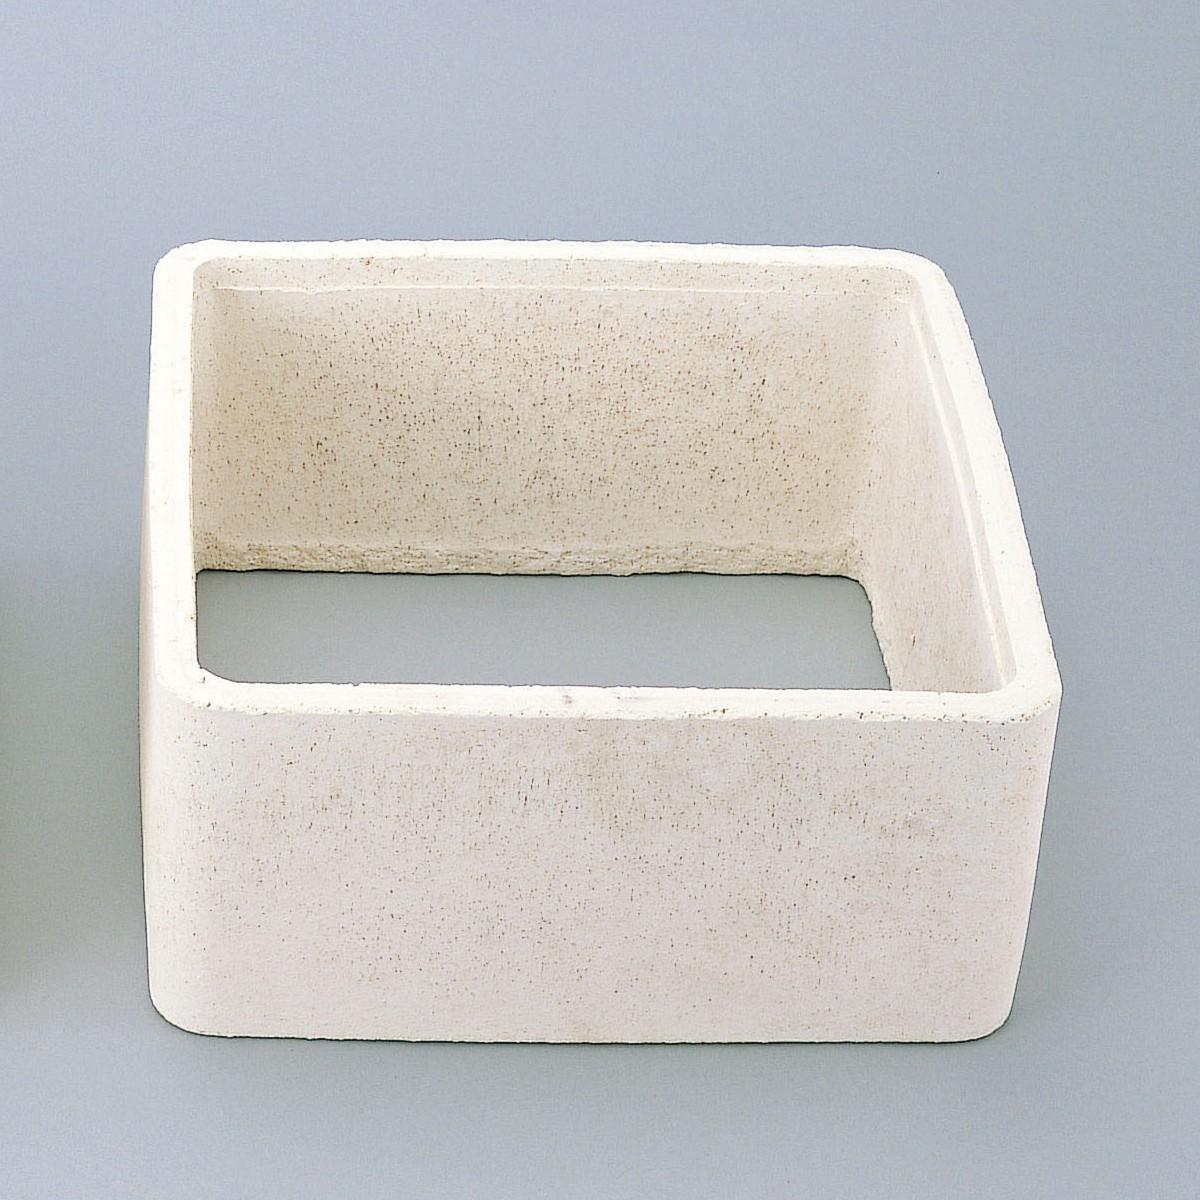 サヤ鉢 角 2個組 底なし 350mm角 【 陶芸 陶芸窯 さや 】